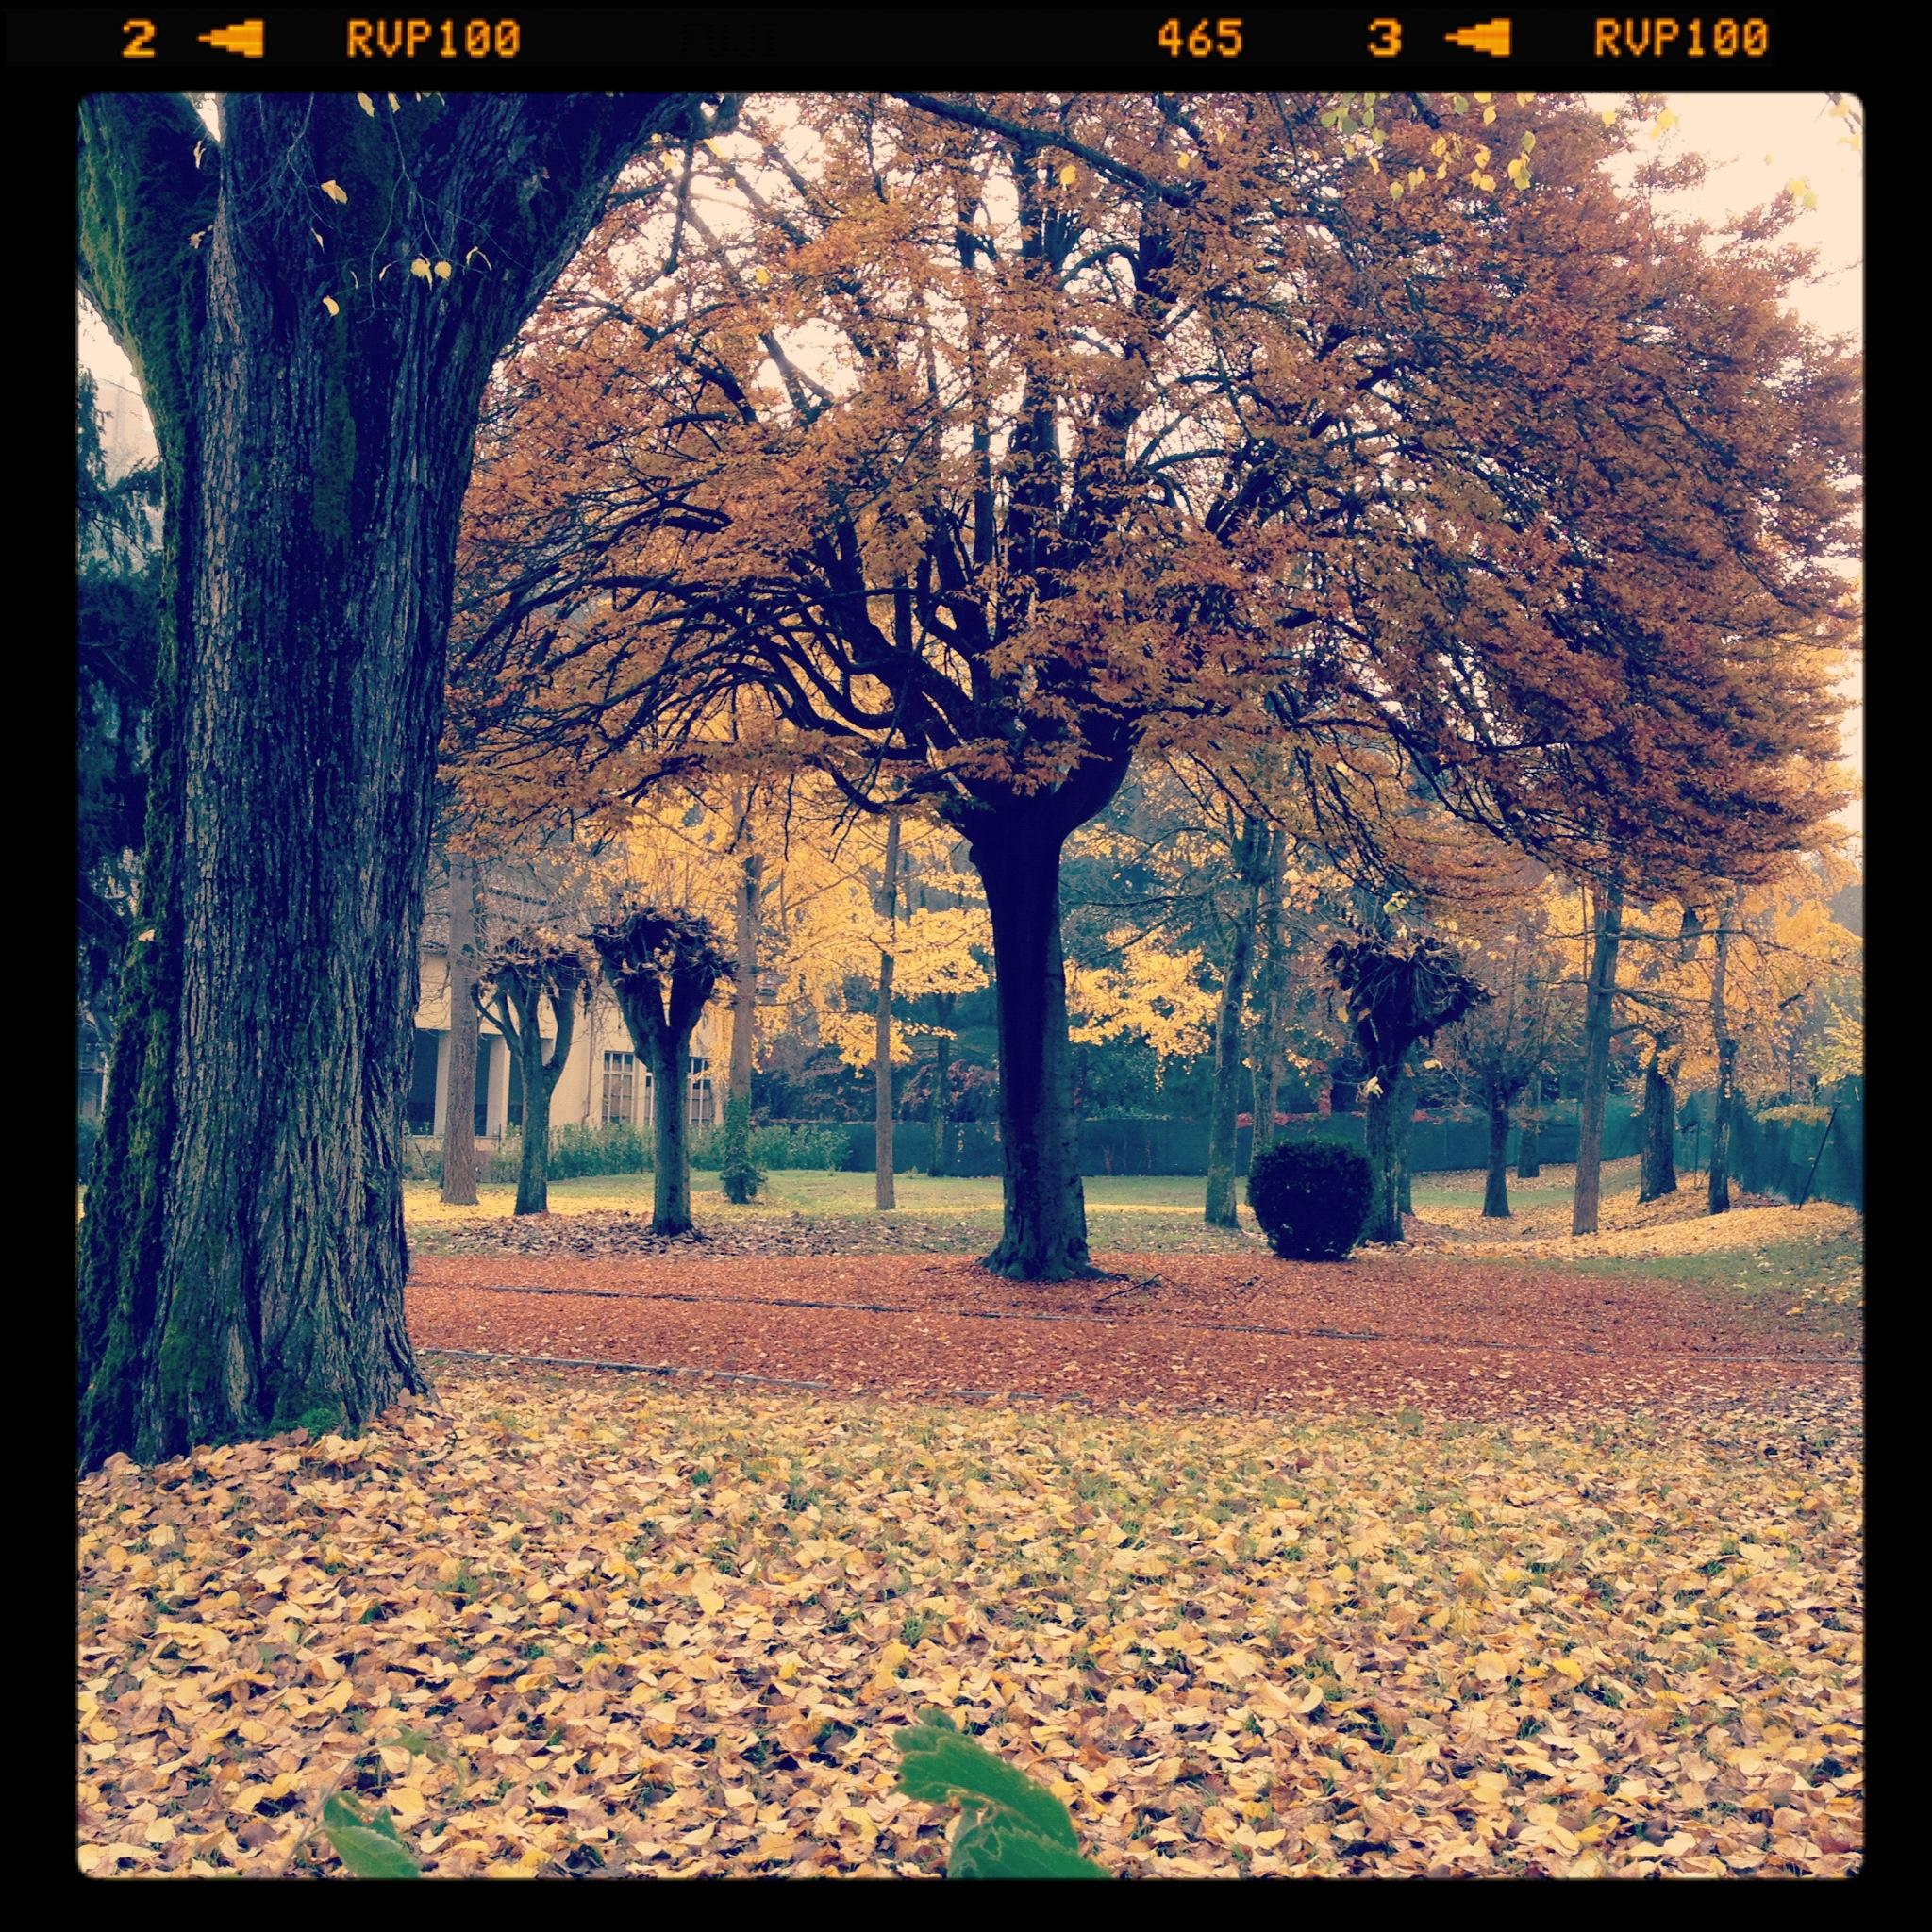 2011-11-12 11.03.04.jpg